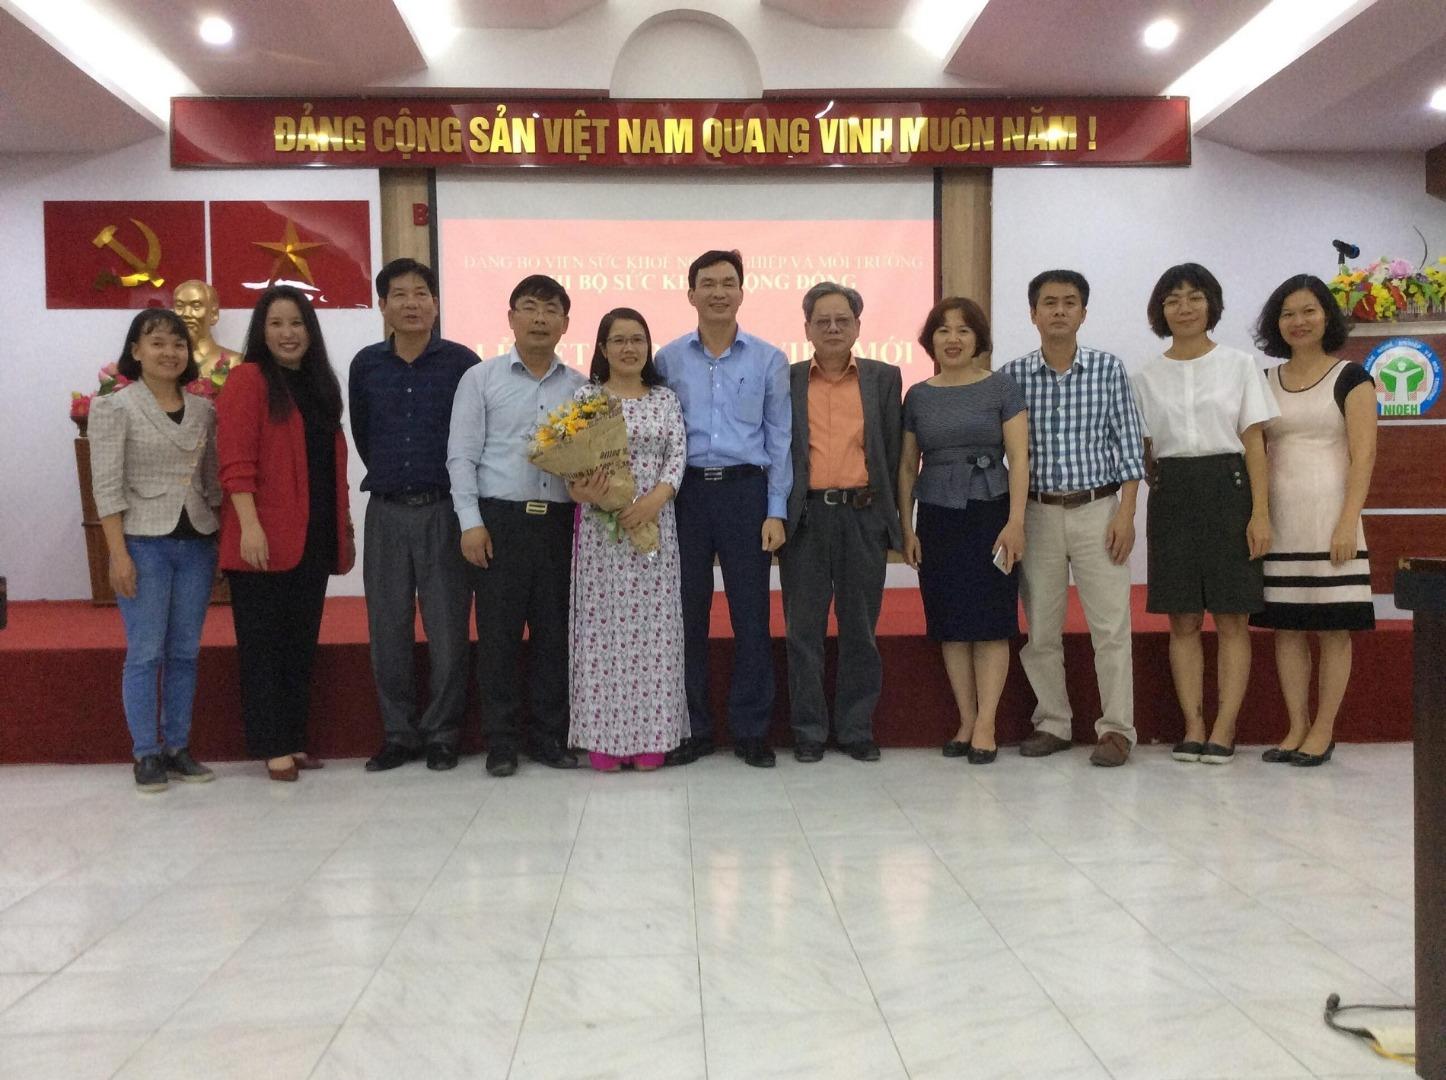 Lễ kết nạp Đảng viên mới của Chi bộ Sức khỏe cộng đồng